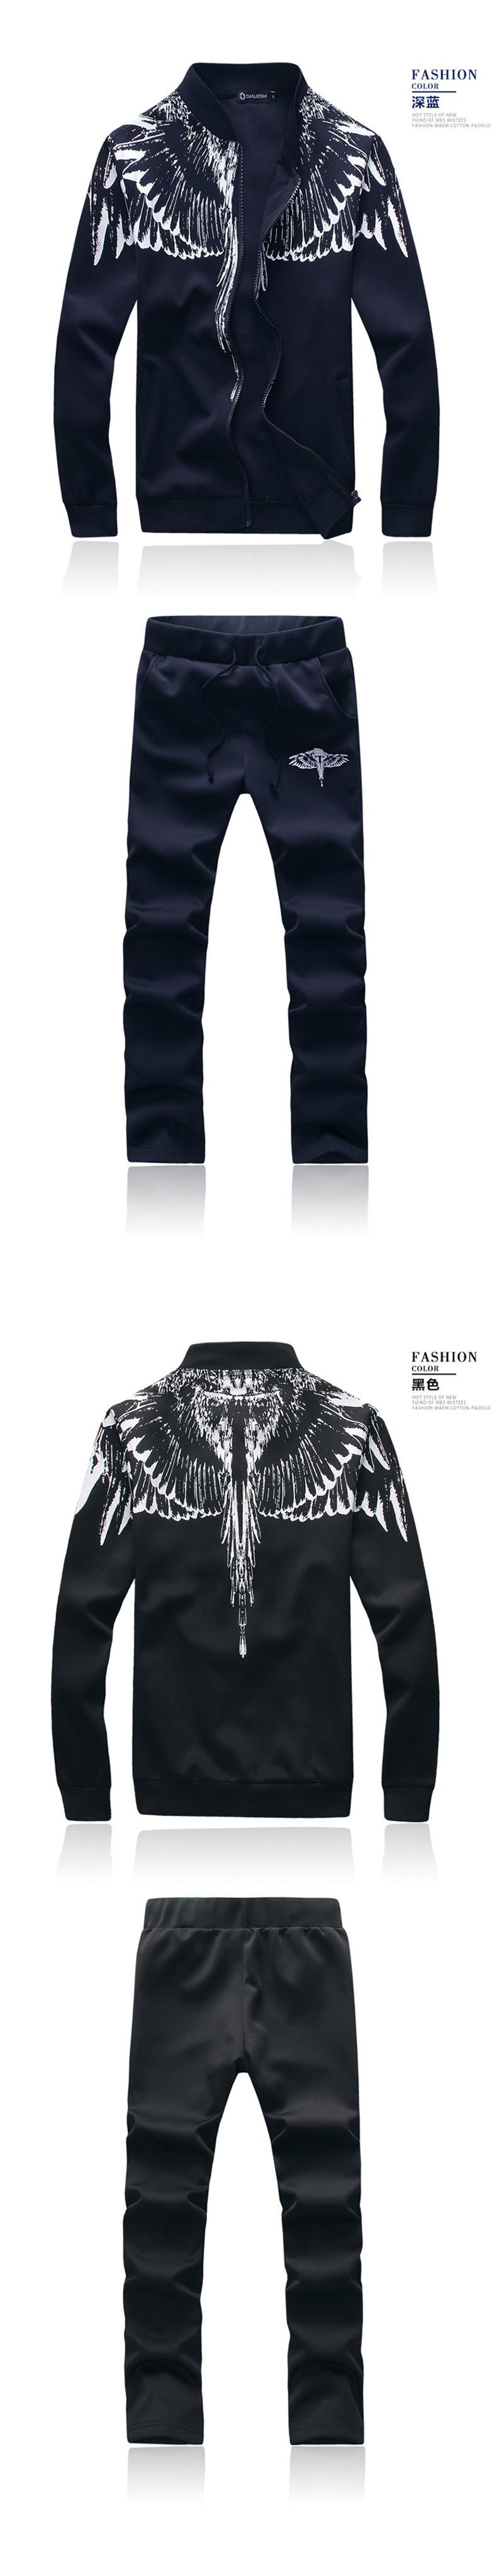 Marka-Odzież Dres Dorywczo SportSuit Męskie Odzieży Męskiej Mody Wiosna/Jesień Bluzy/Bluzy Żakiet + Spodnie Dres Polo 2016 5